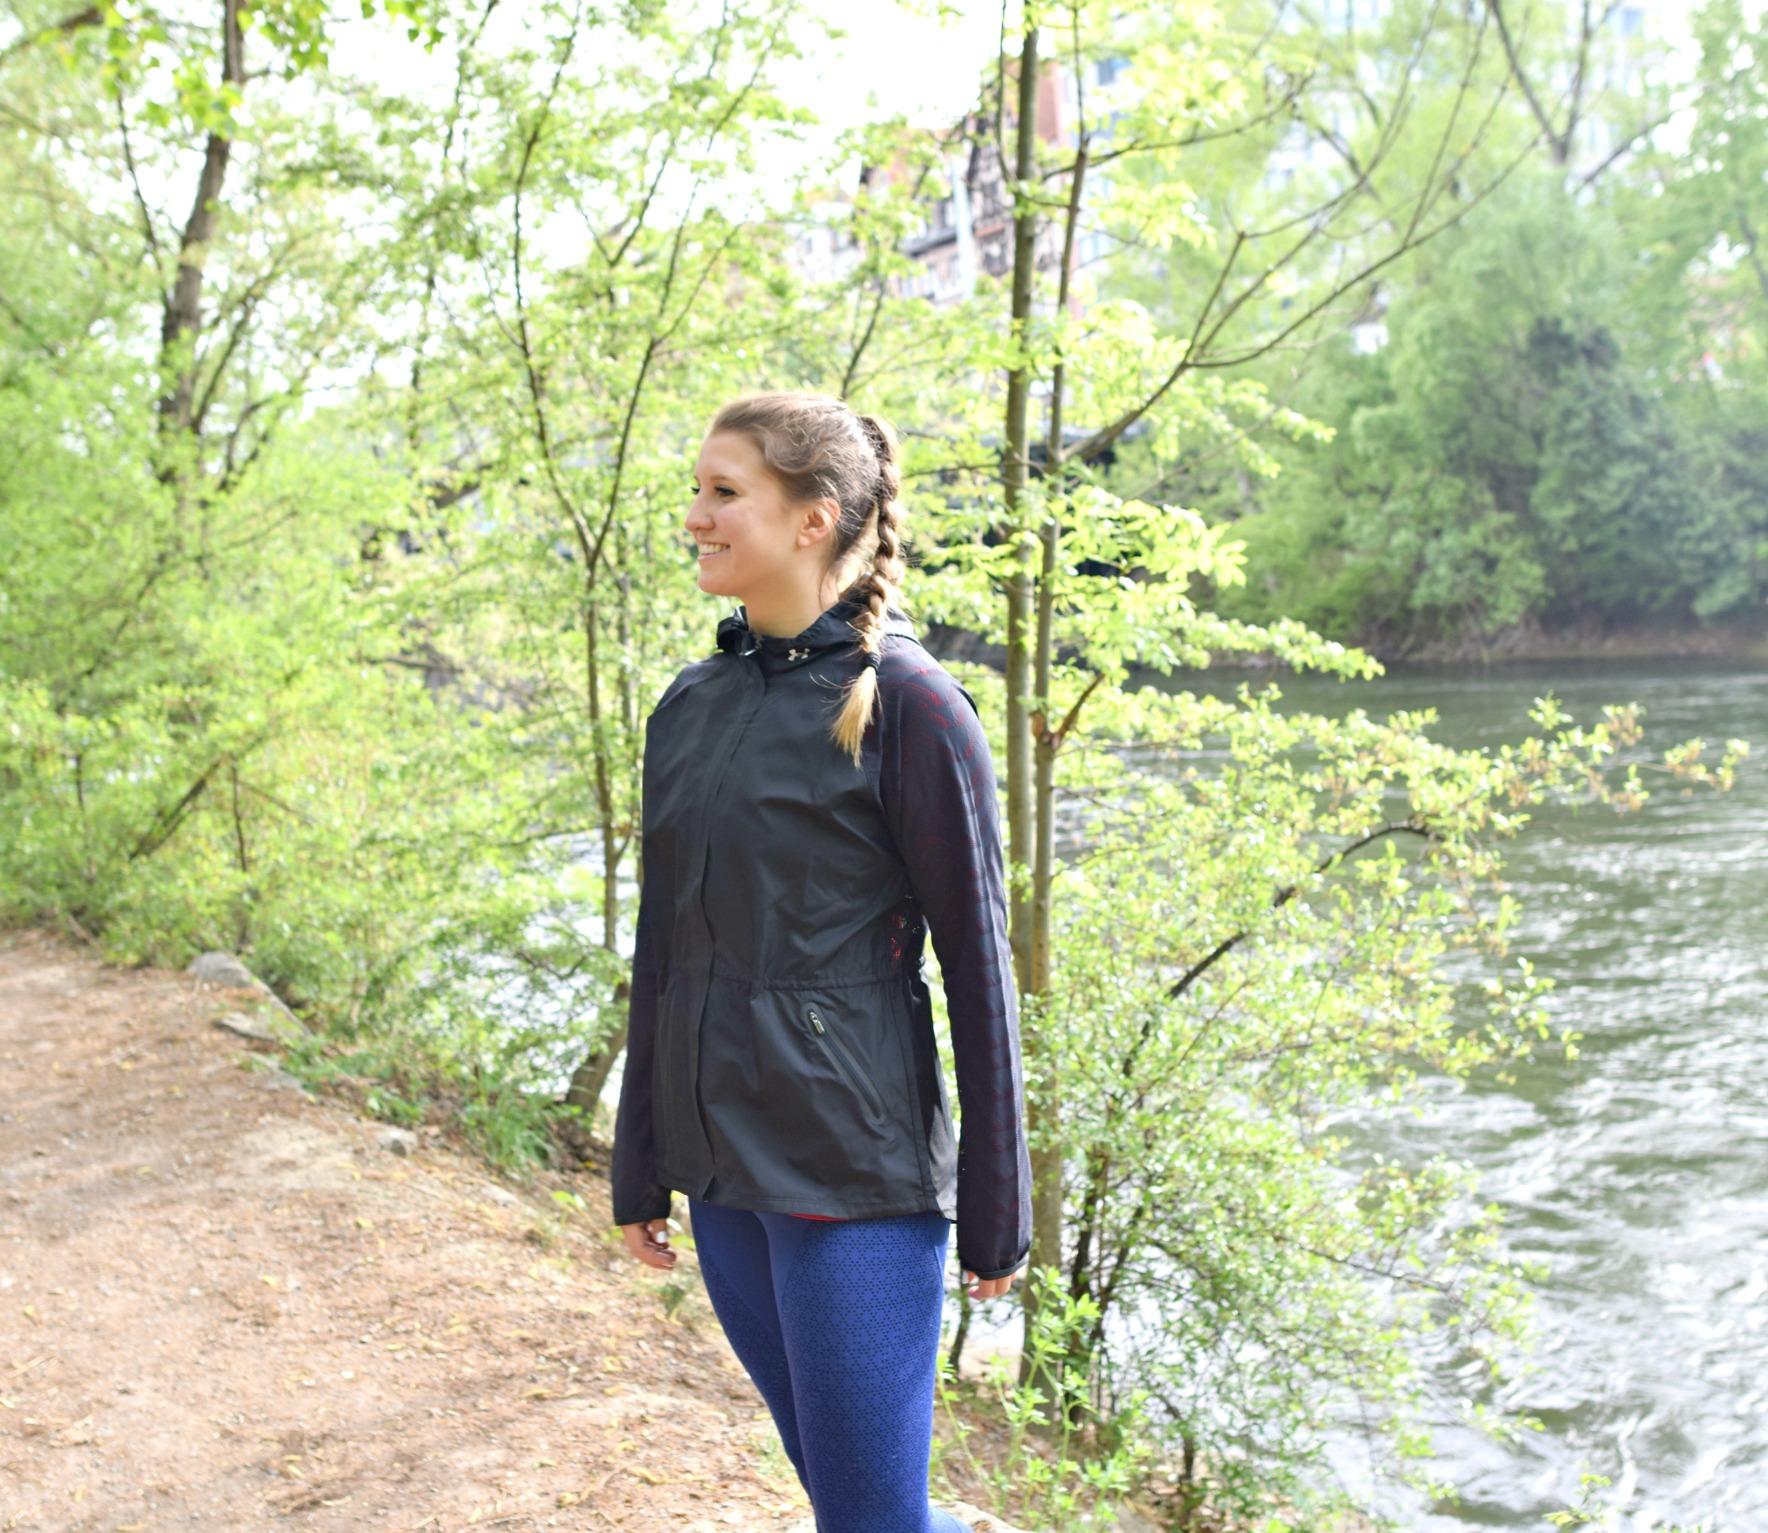 fitnessblog-fitnessblogger-graz-klara-fuchs-österreich-blogging-fitness-sport-blog-sportblog-trainerin-laufen-ladiesrun